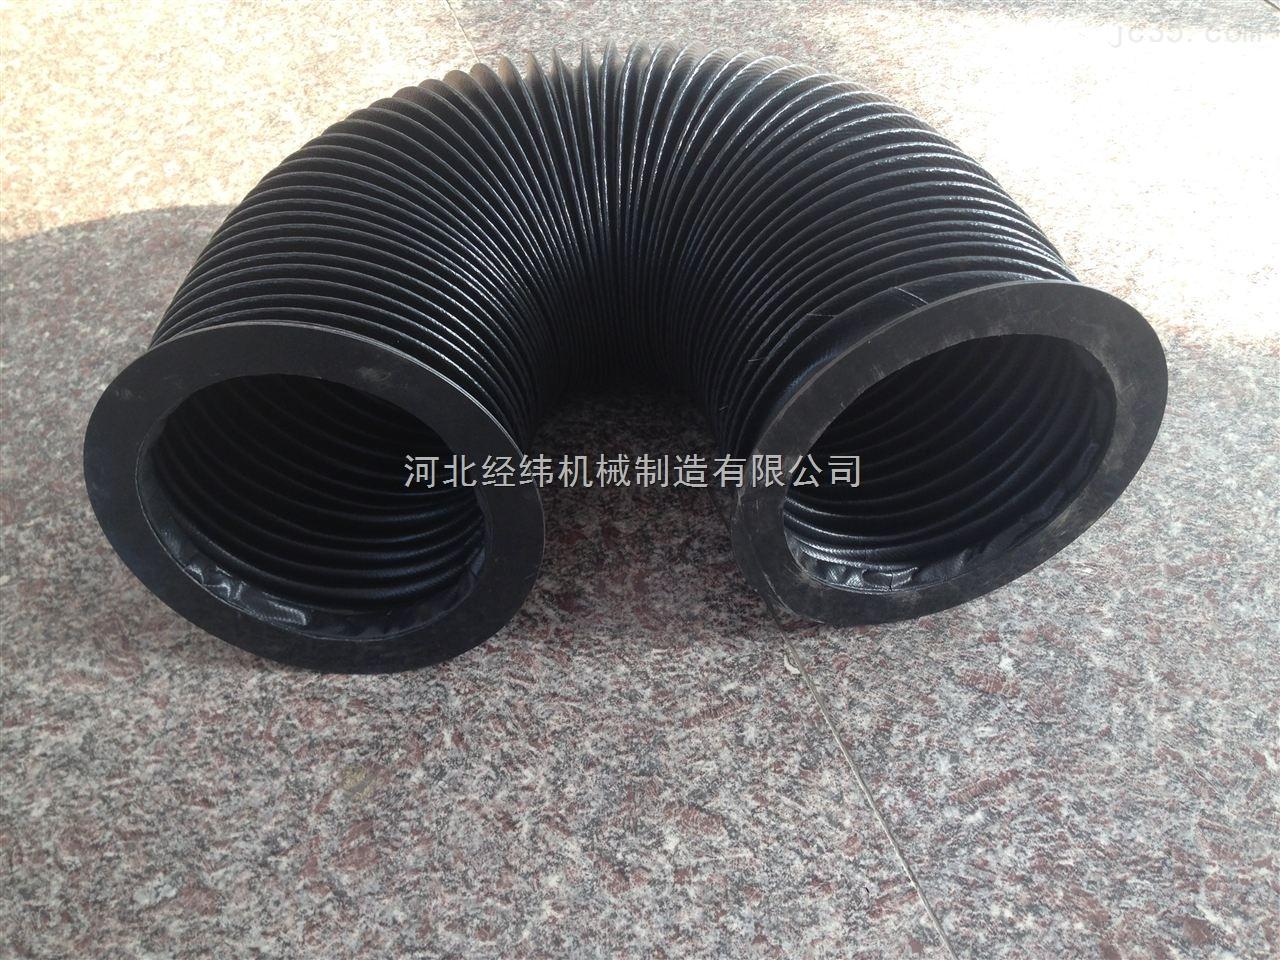 阻燃油缸保护套 圆形伸缩防护罩